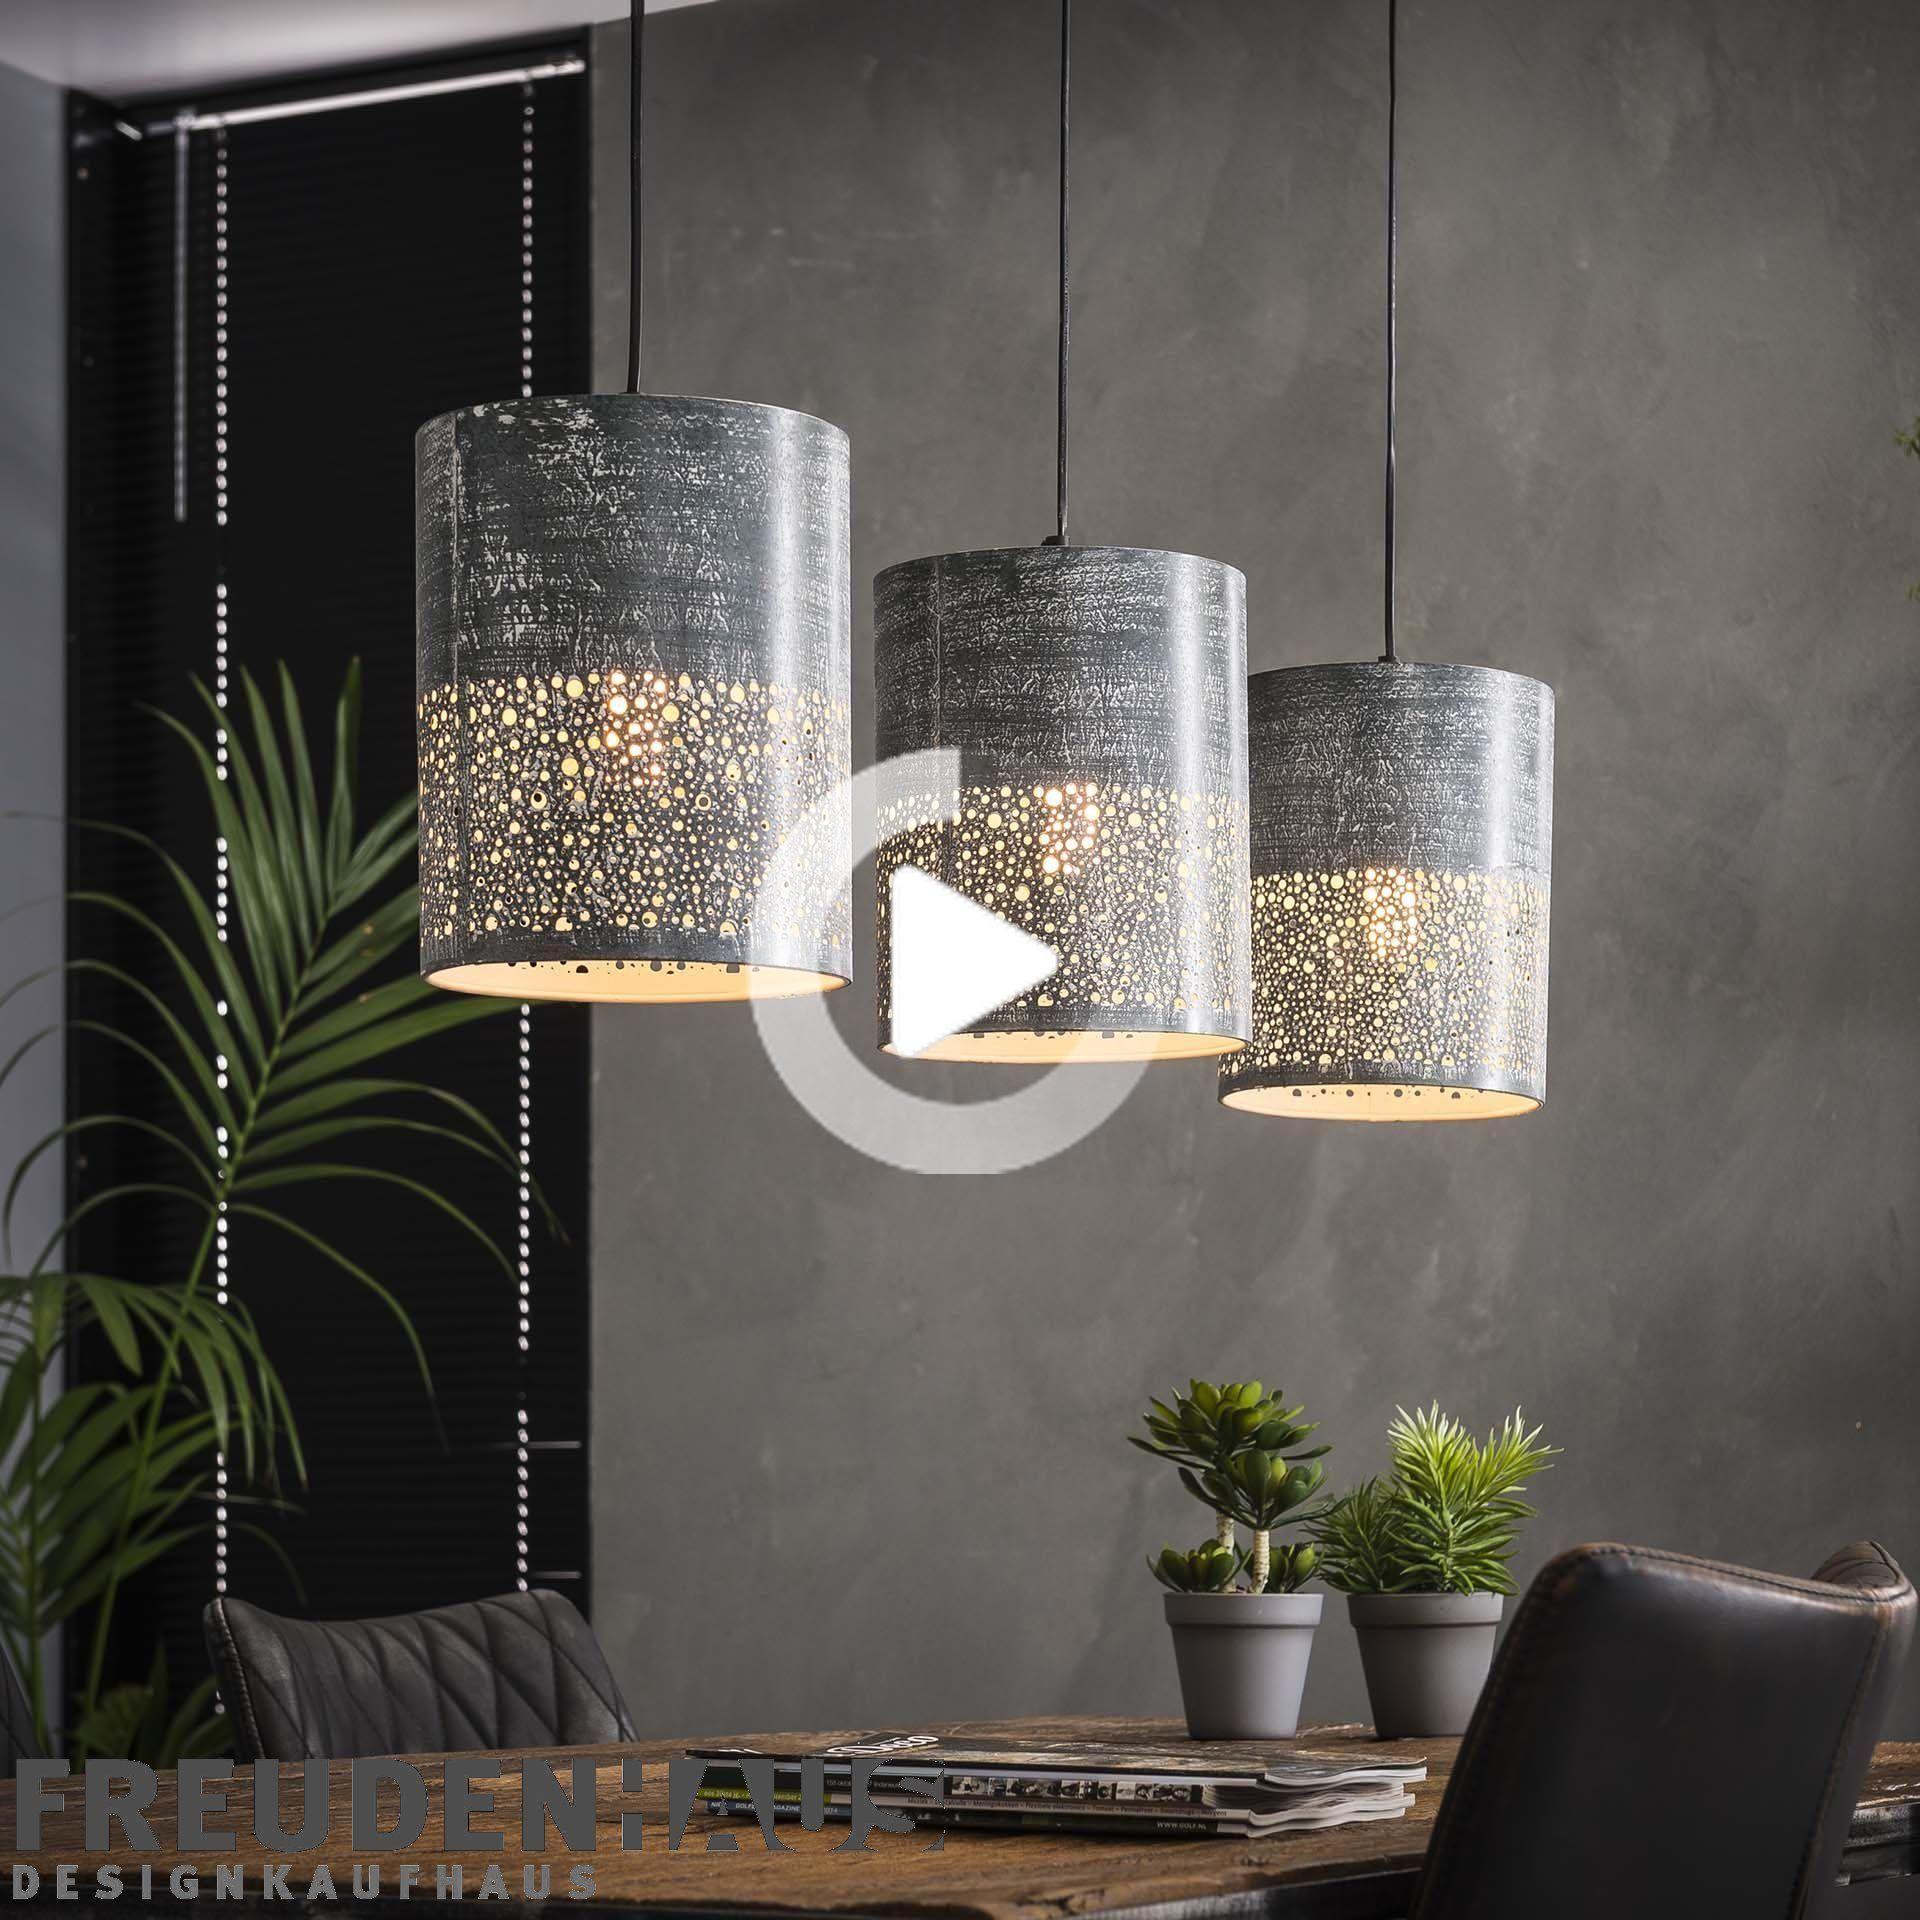 Lampara Colgante Cilindro Industrial Concreta Mirada 3 Noticias Casa Del Placer Diseno Tienda In 2020 Lamp Lamp Decor Vintage Lamps